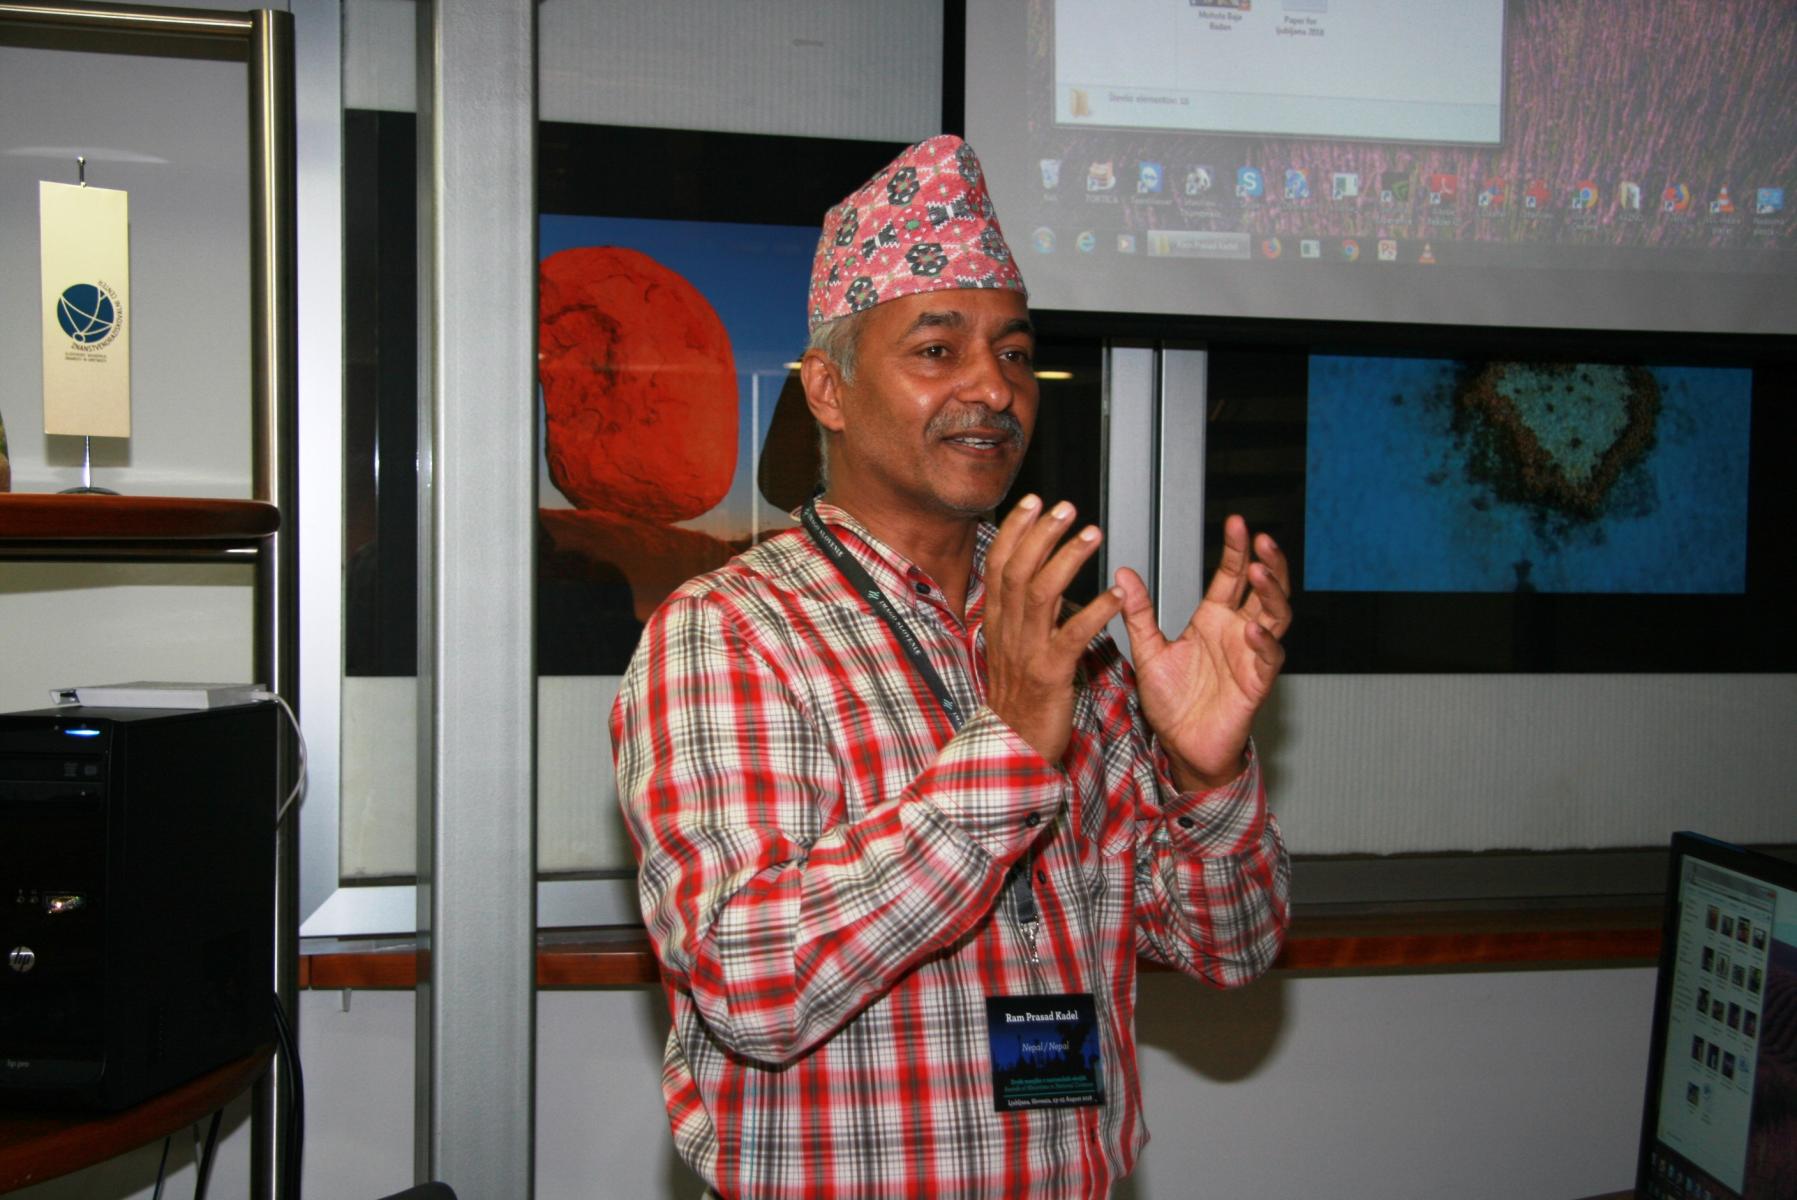 Ram Prasad Kadel. Udeleženec razprave Svetovna mreža ICTM: izkušnje in možnosti. Foto:  Urša Šivic.